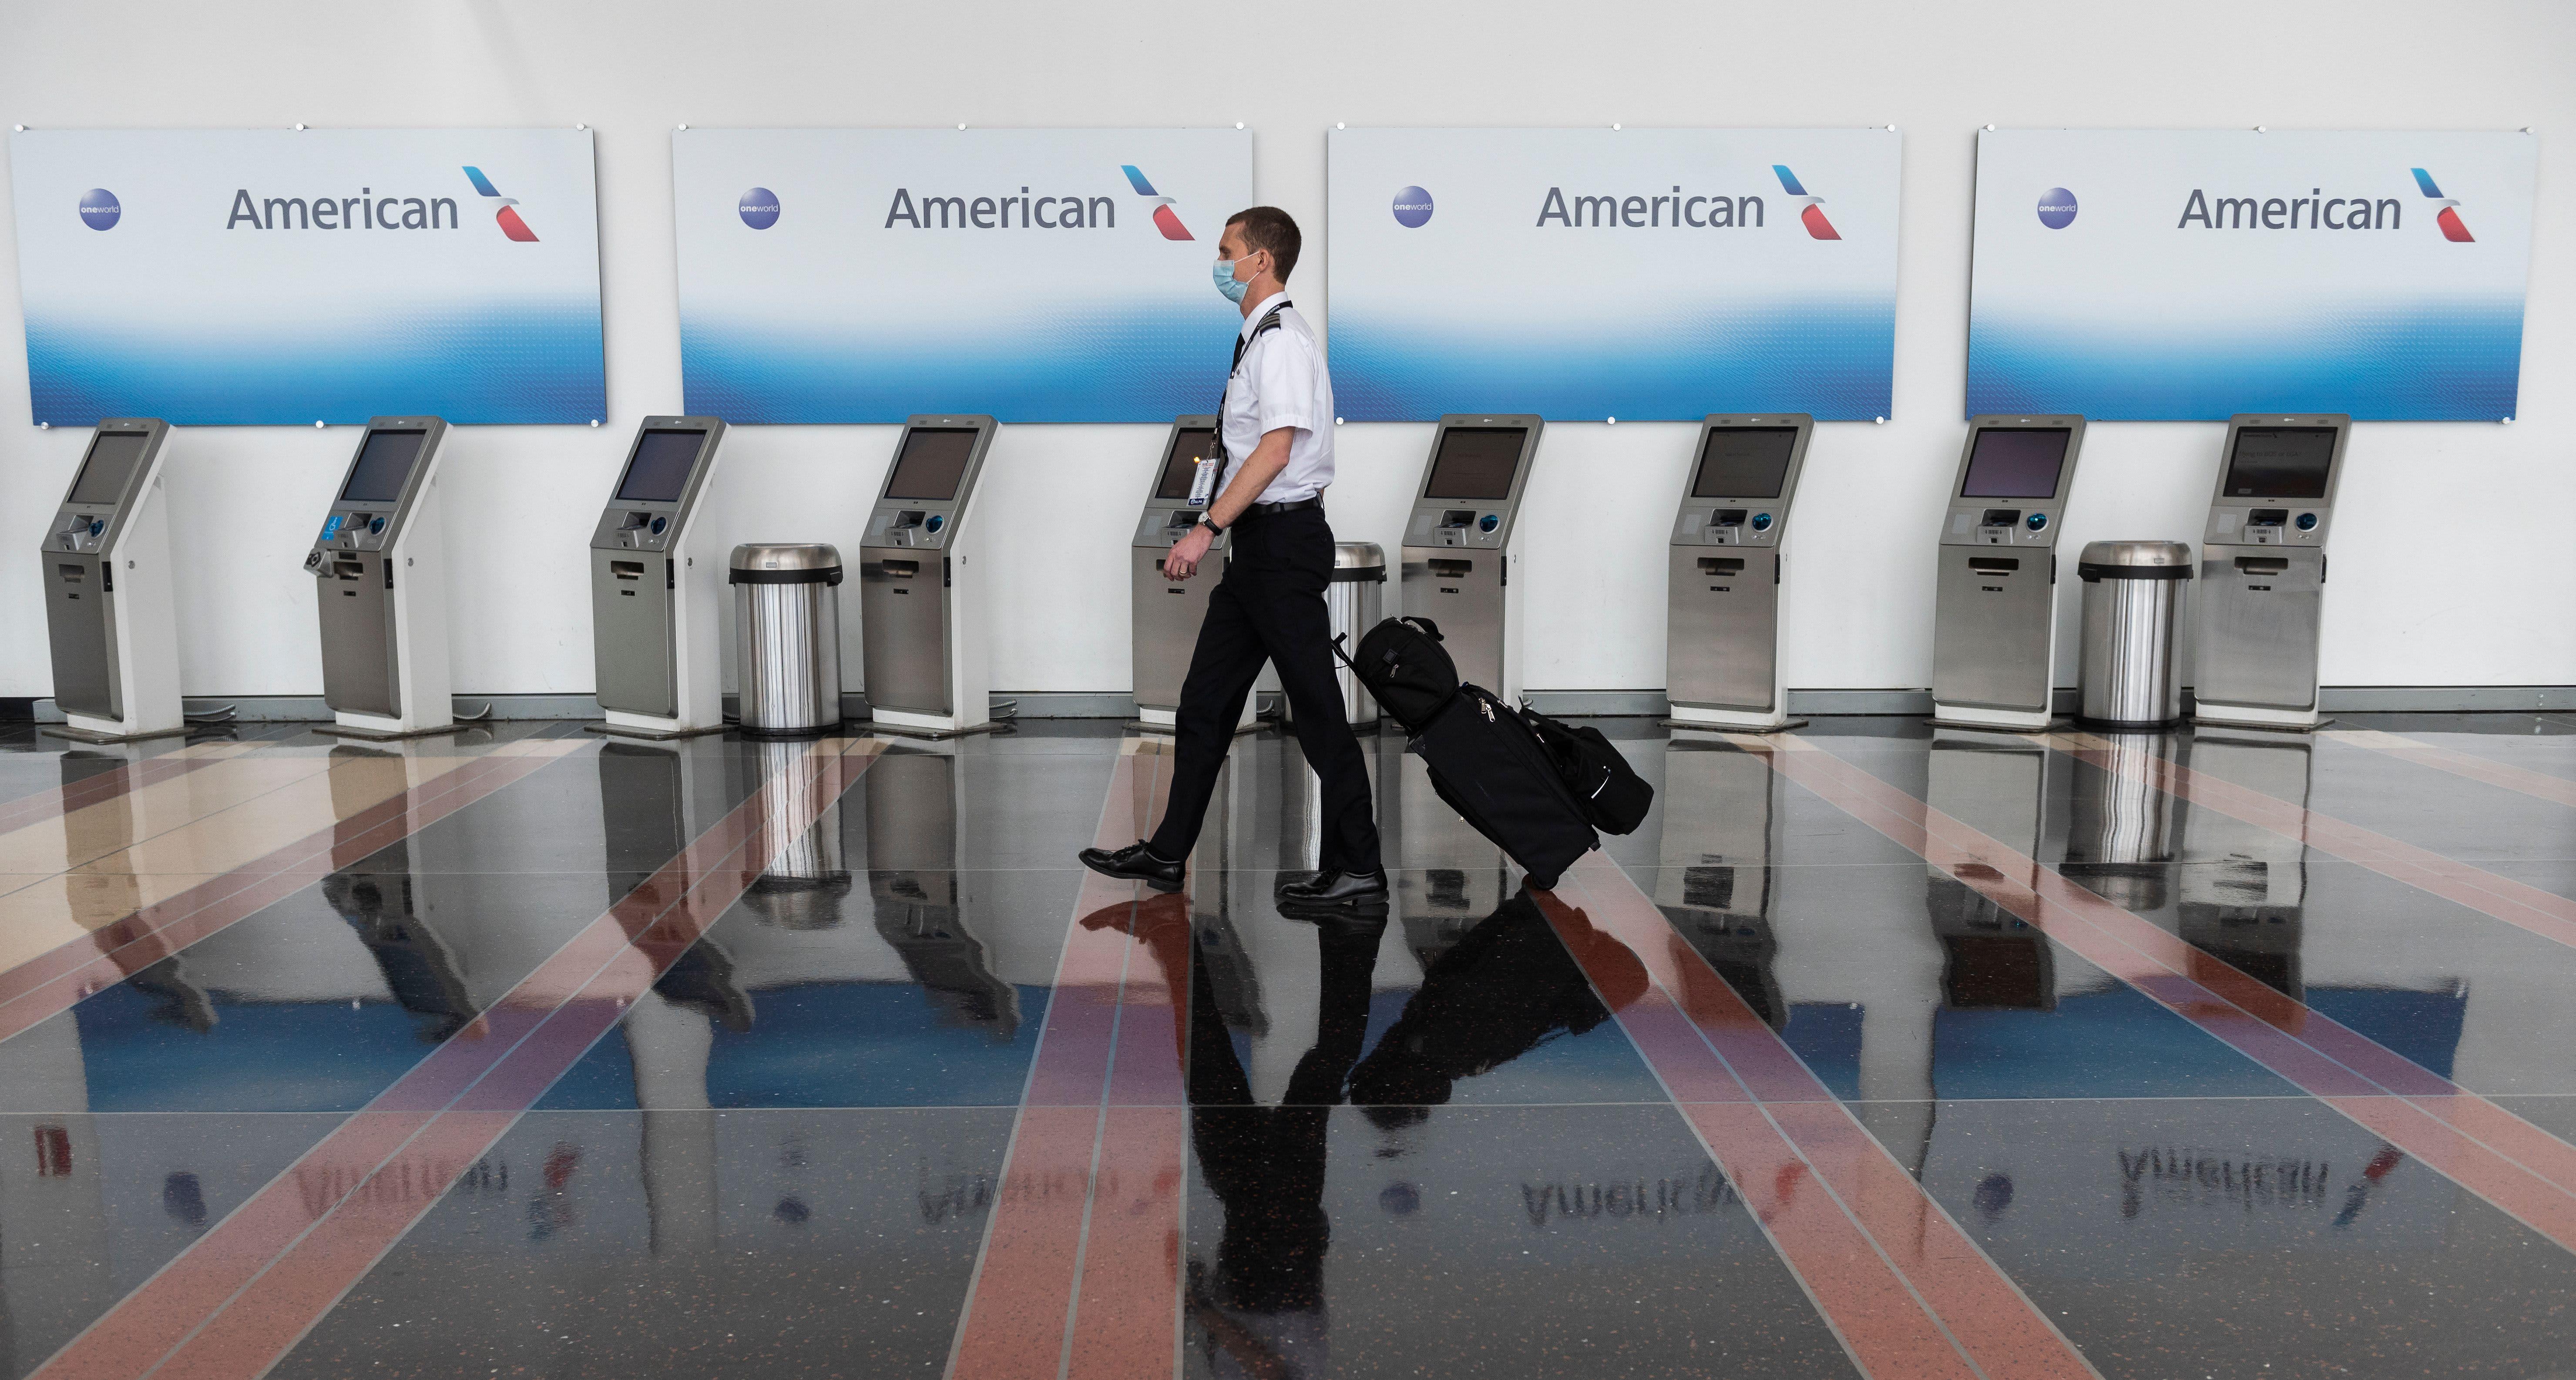 स्टॉक मिडडे की सबसे बड़ी चाल है: अमेरिकन एयरलाइंस, गैप, वर्जिन गैलेक्टिक, पेलोटन और अधिक